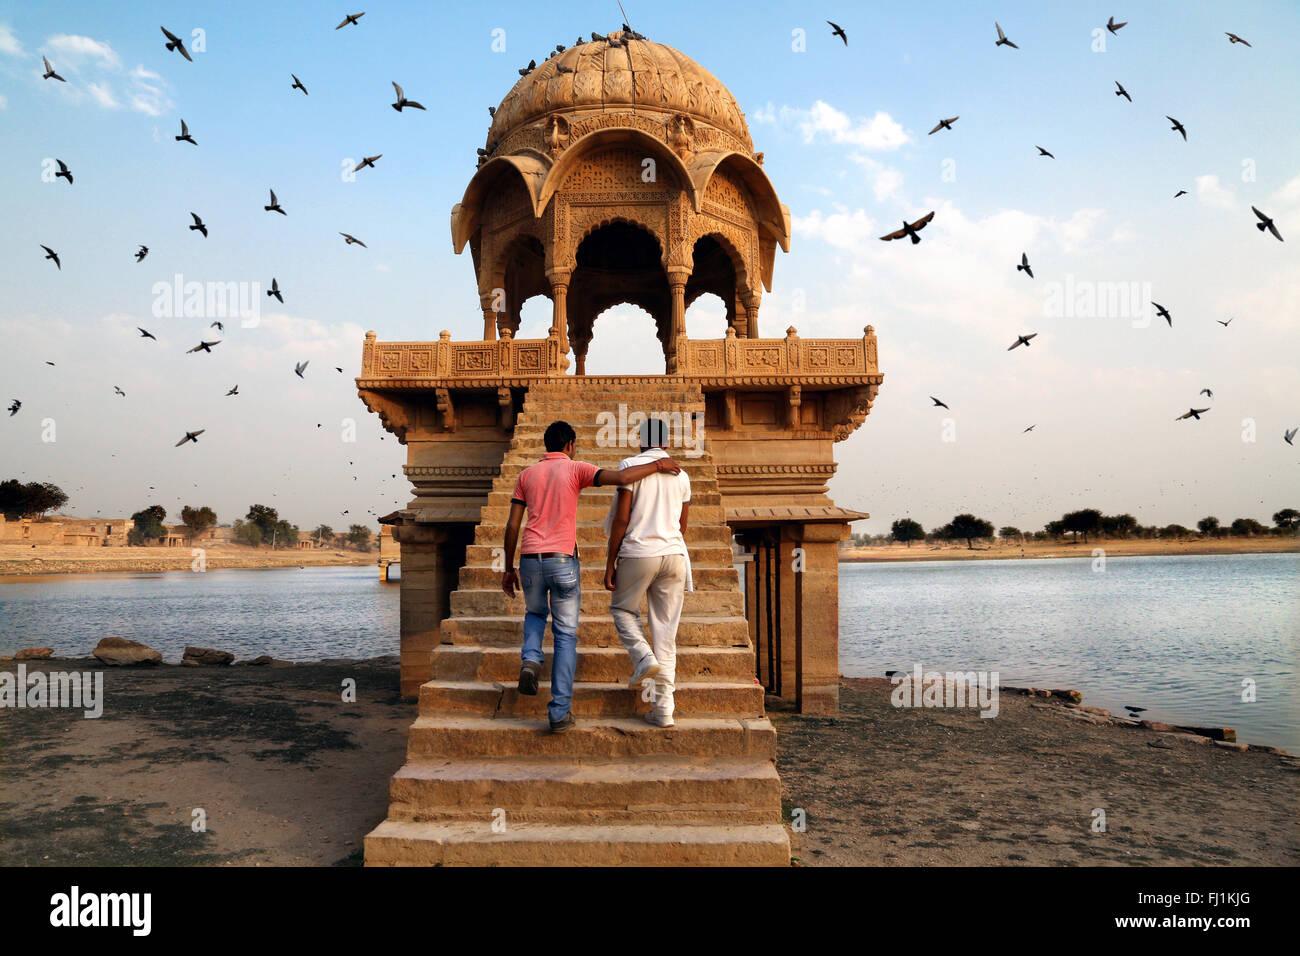 Deux hommes visiter le Gadi Sagar Lake dans la région de Jaisalmer , Inde Rajasthan Photo Stock